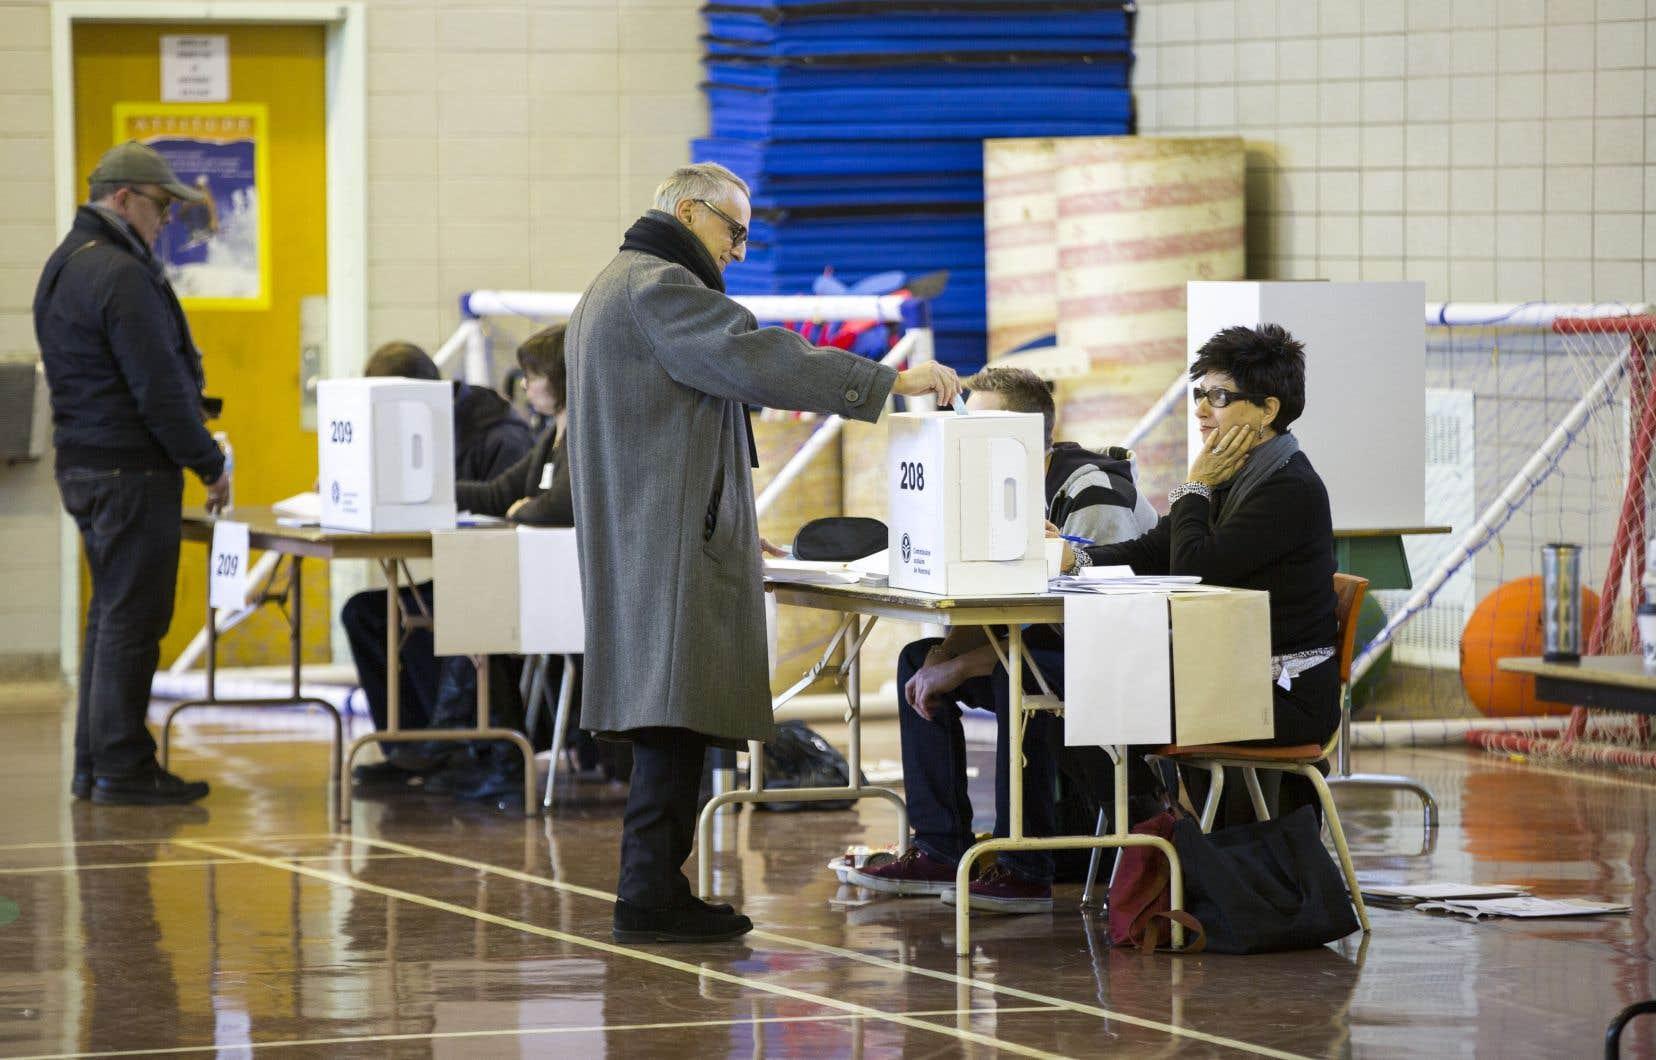 Si l'on se désole du faible taux de participation aux récentes élections municipales — 42% à Montréal —, celui que l'on observe aux élections scolaires est insignifiant : moins de 5% en 2014, souligne l'auteur.